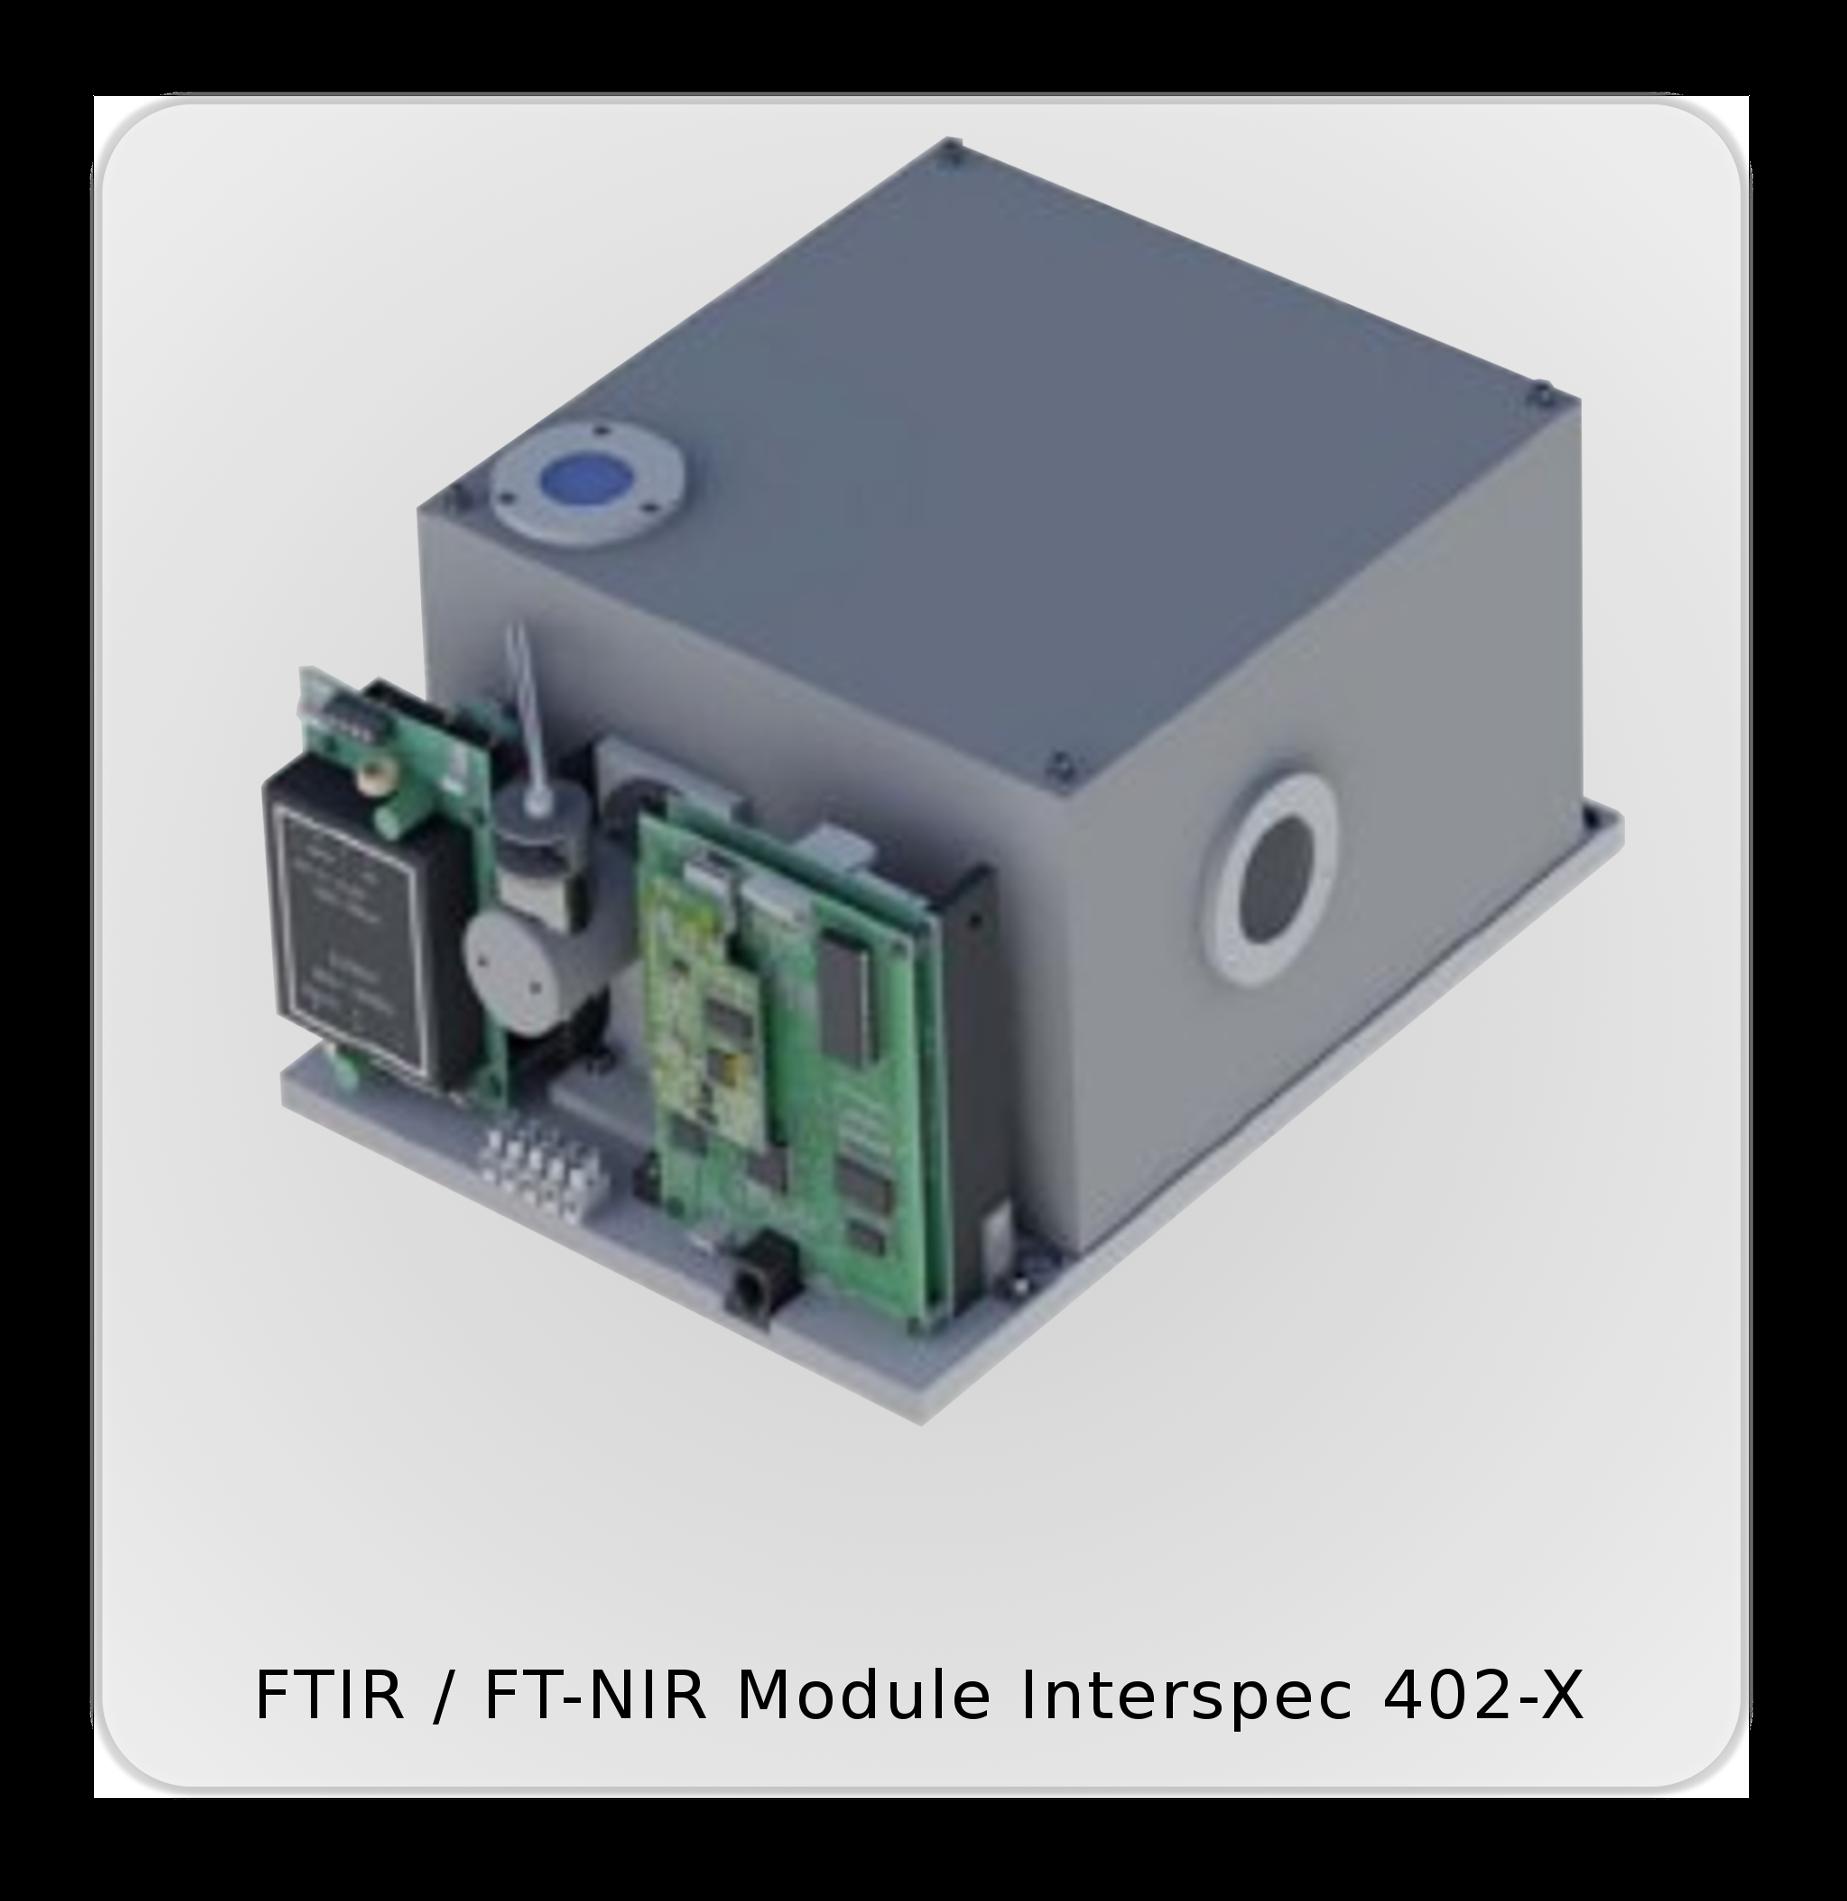 kassay-ram2000-spectrometers-products-lab-spectrometers-ftir-ft-nir-module-interspec-402-x